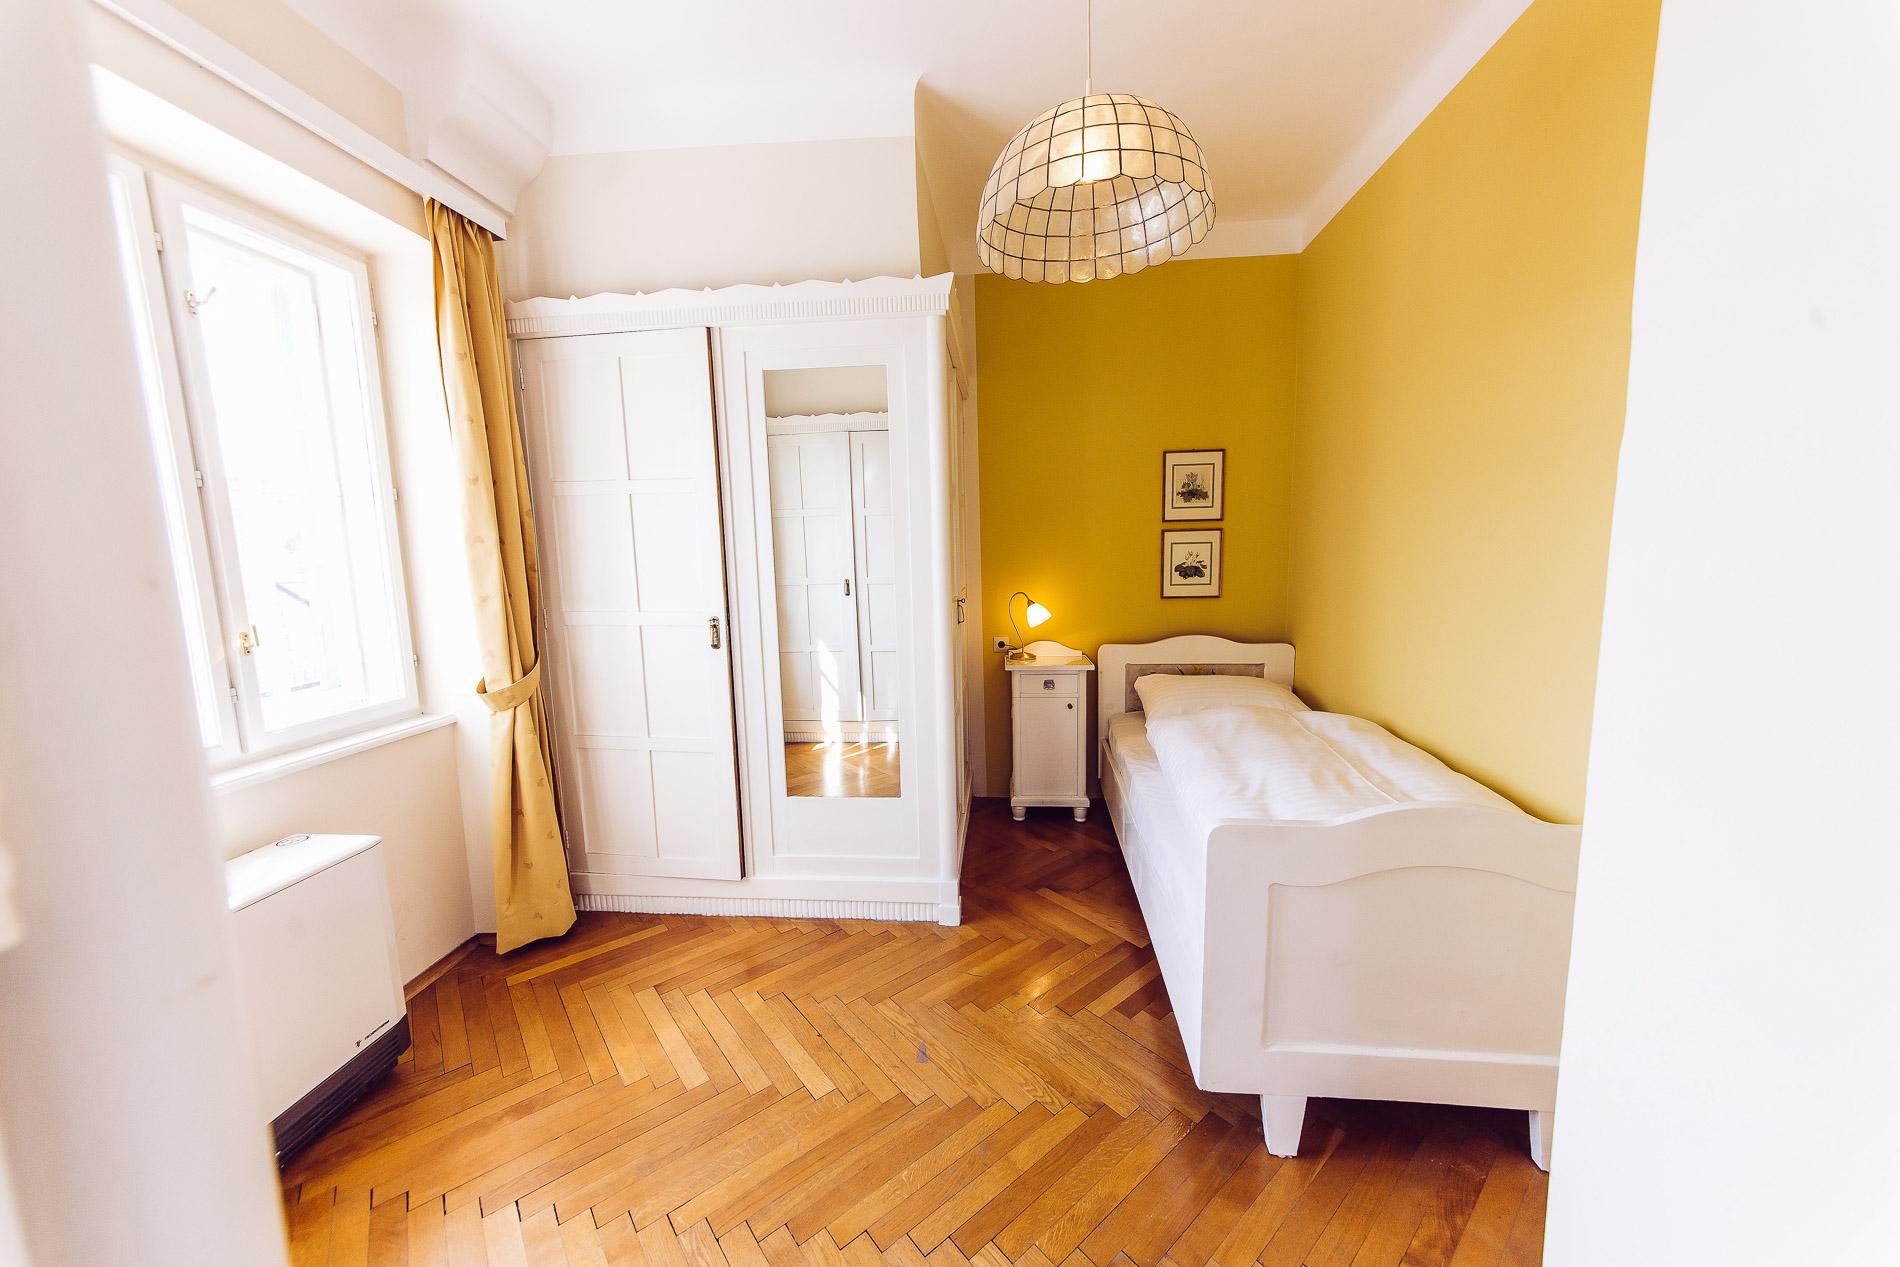 Misure del letto alla francese dimensioni letto a - Misure letto francese ...